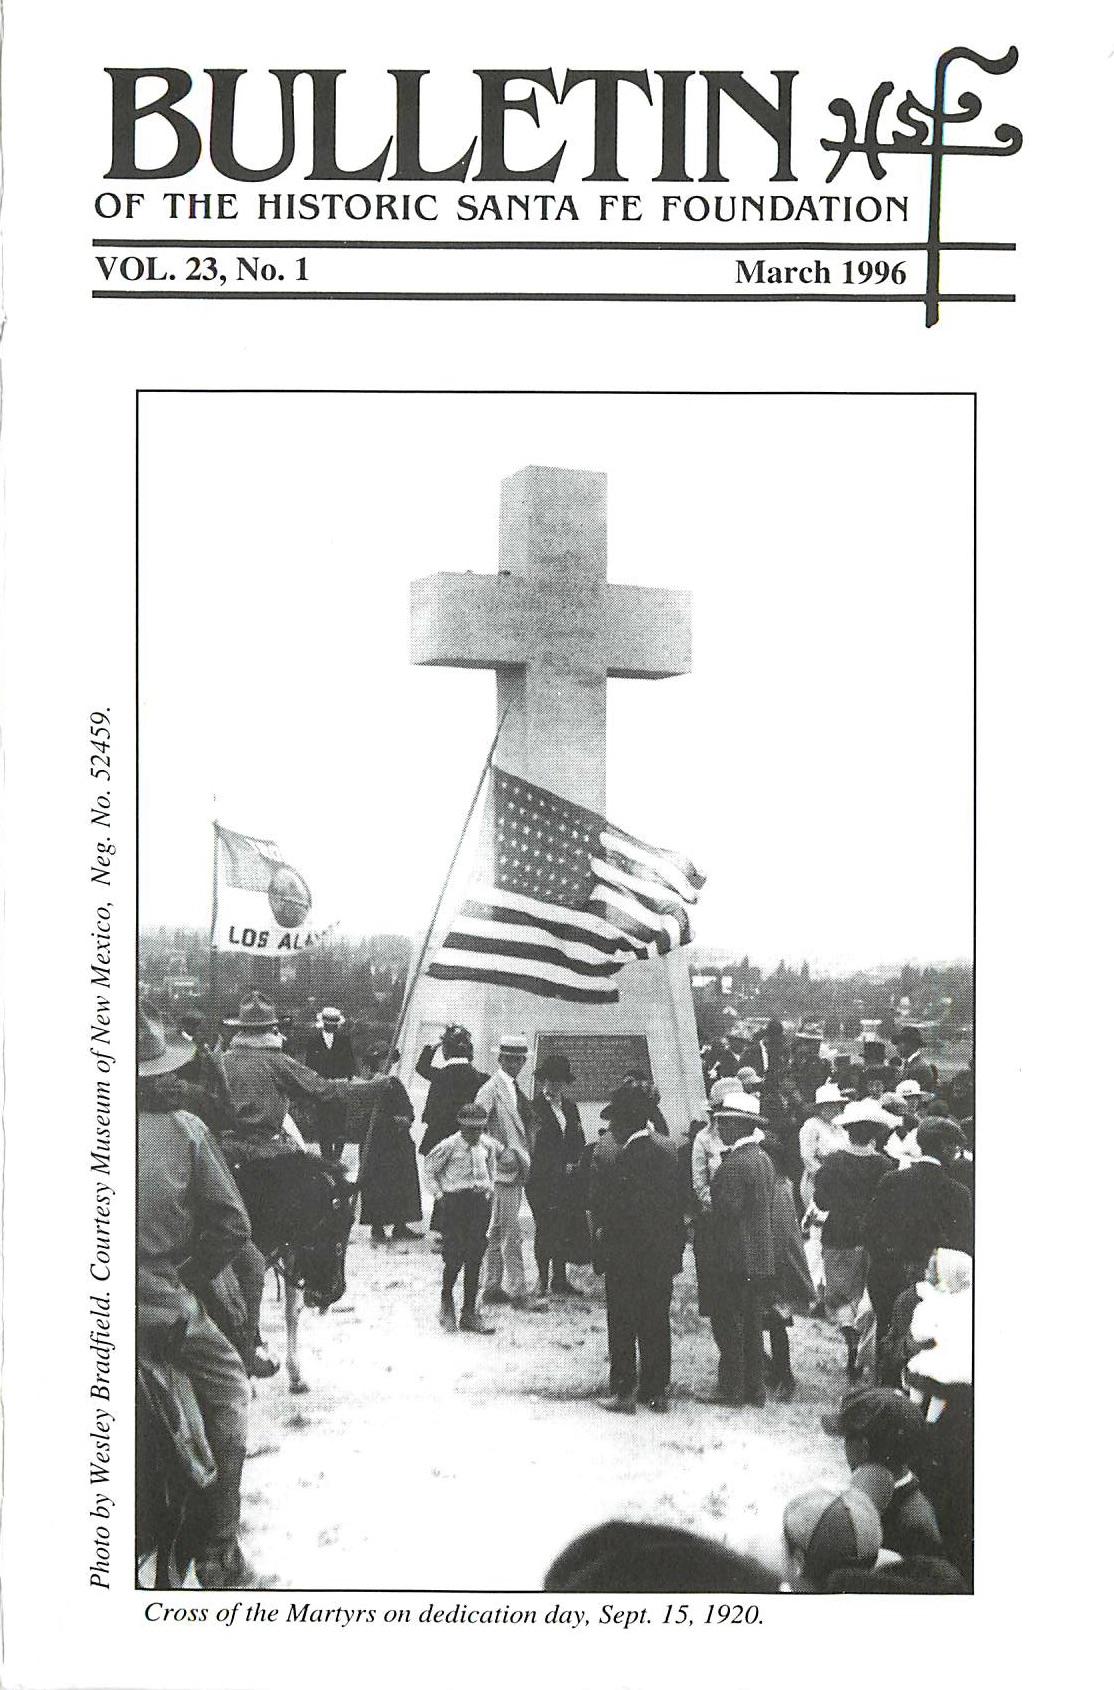 1996 HSFF Bulletin Vol.23 No.1 Cover